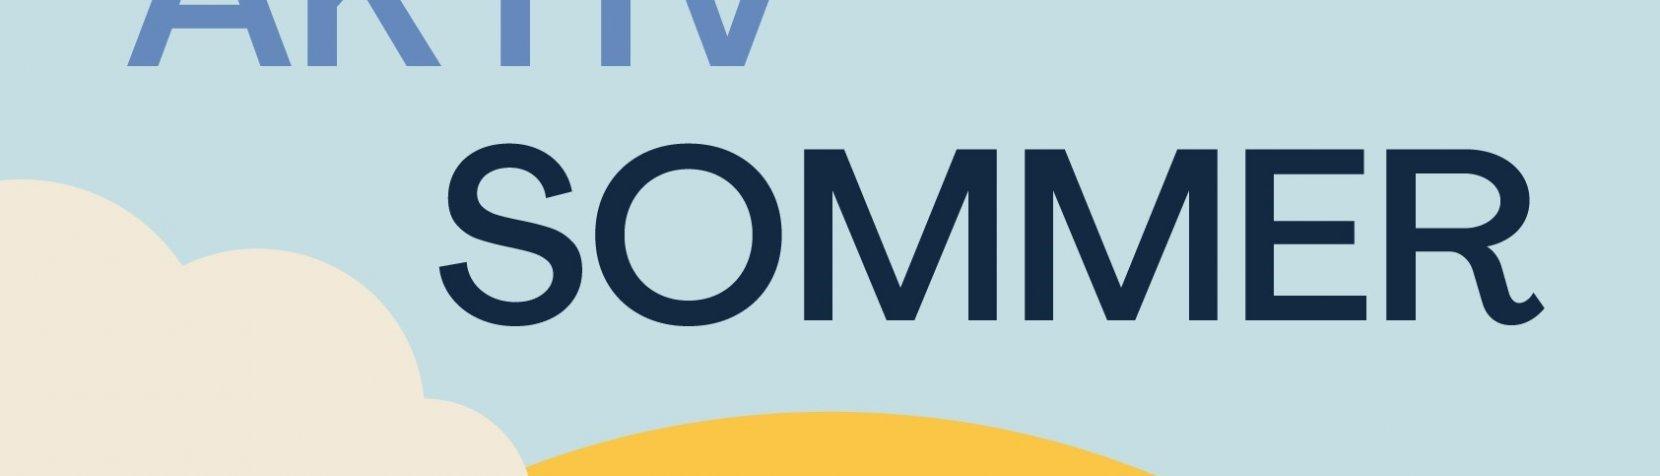 Aktiv Sommer plakat